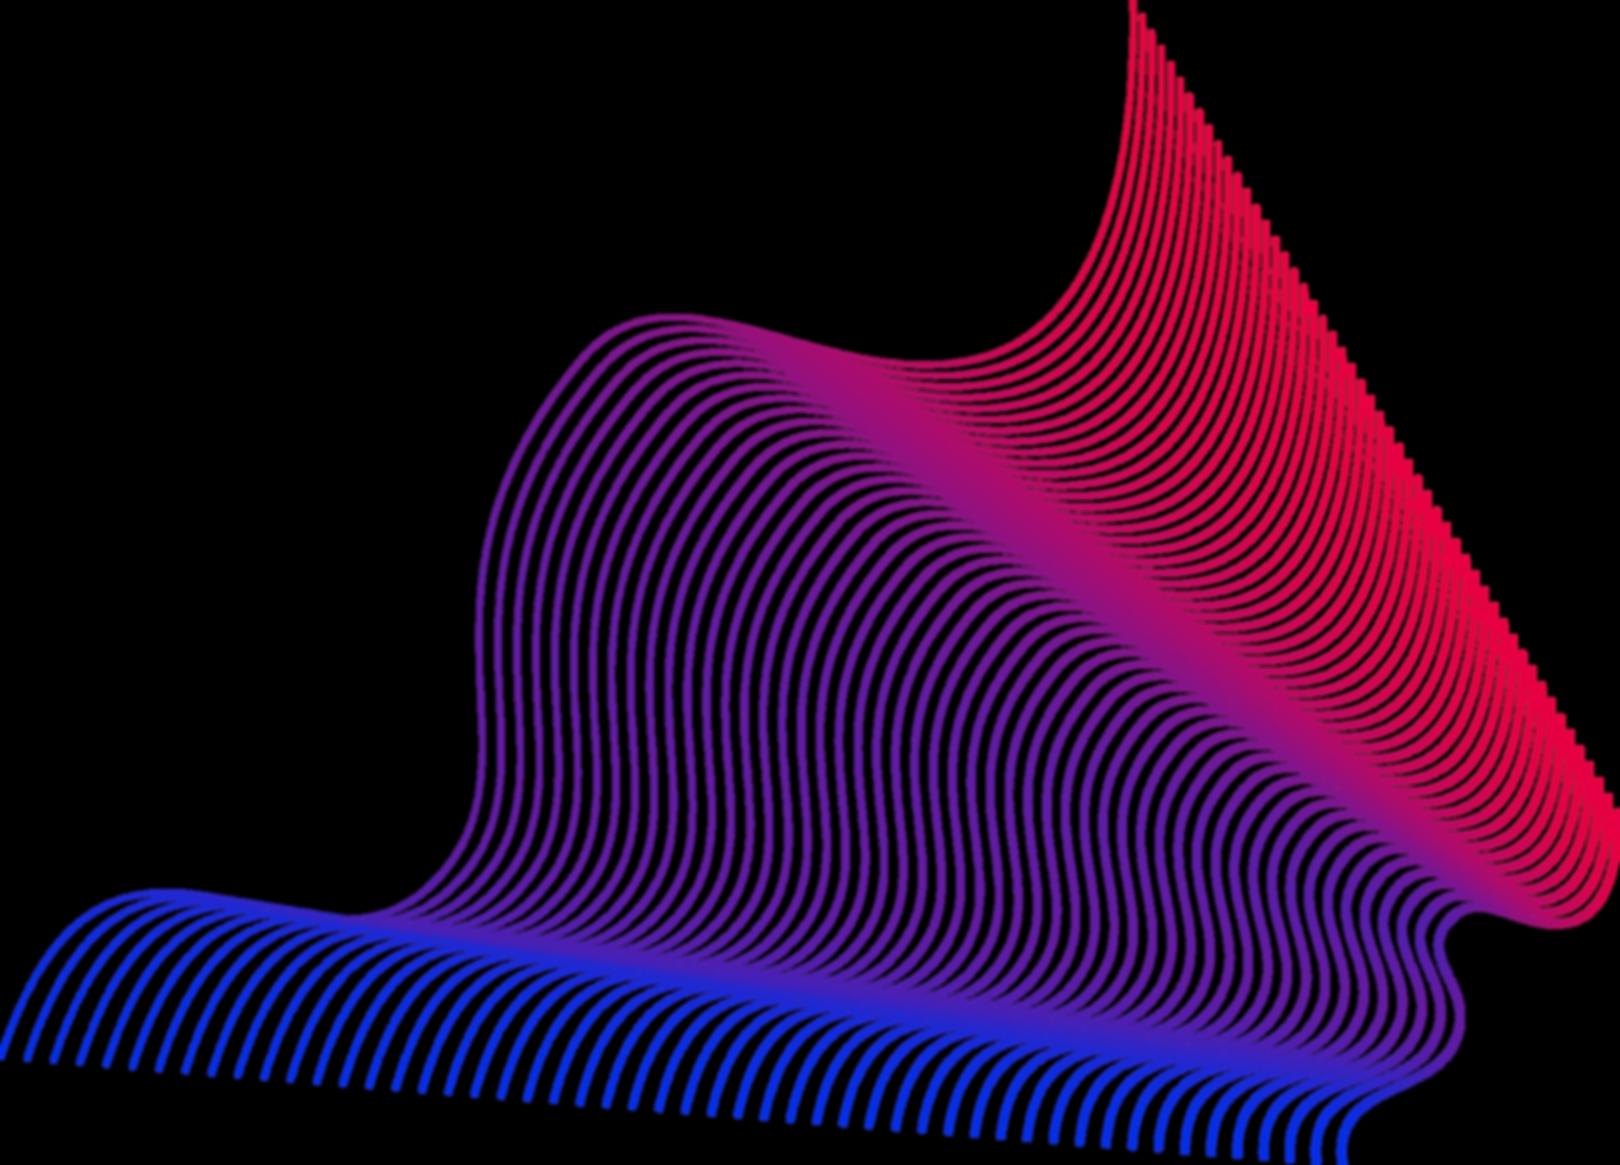 Wavy 3D Net